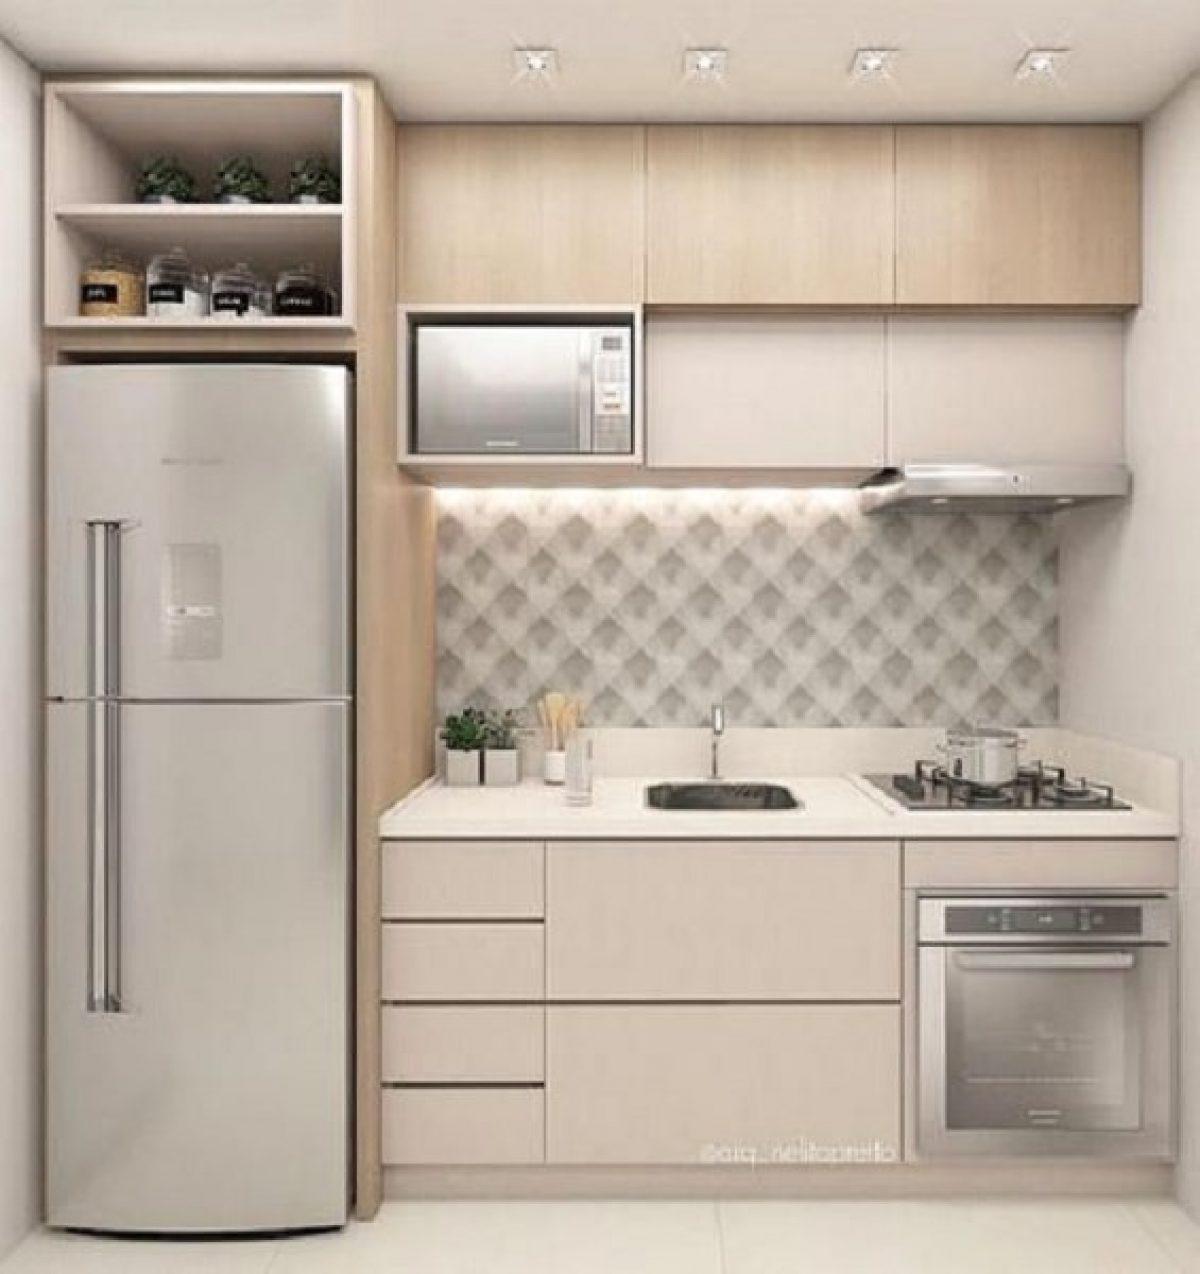 Desain Dapur Sederhana Miminalis Yang Nyaman Dan Modern